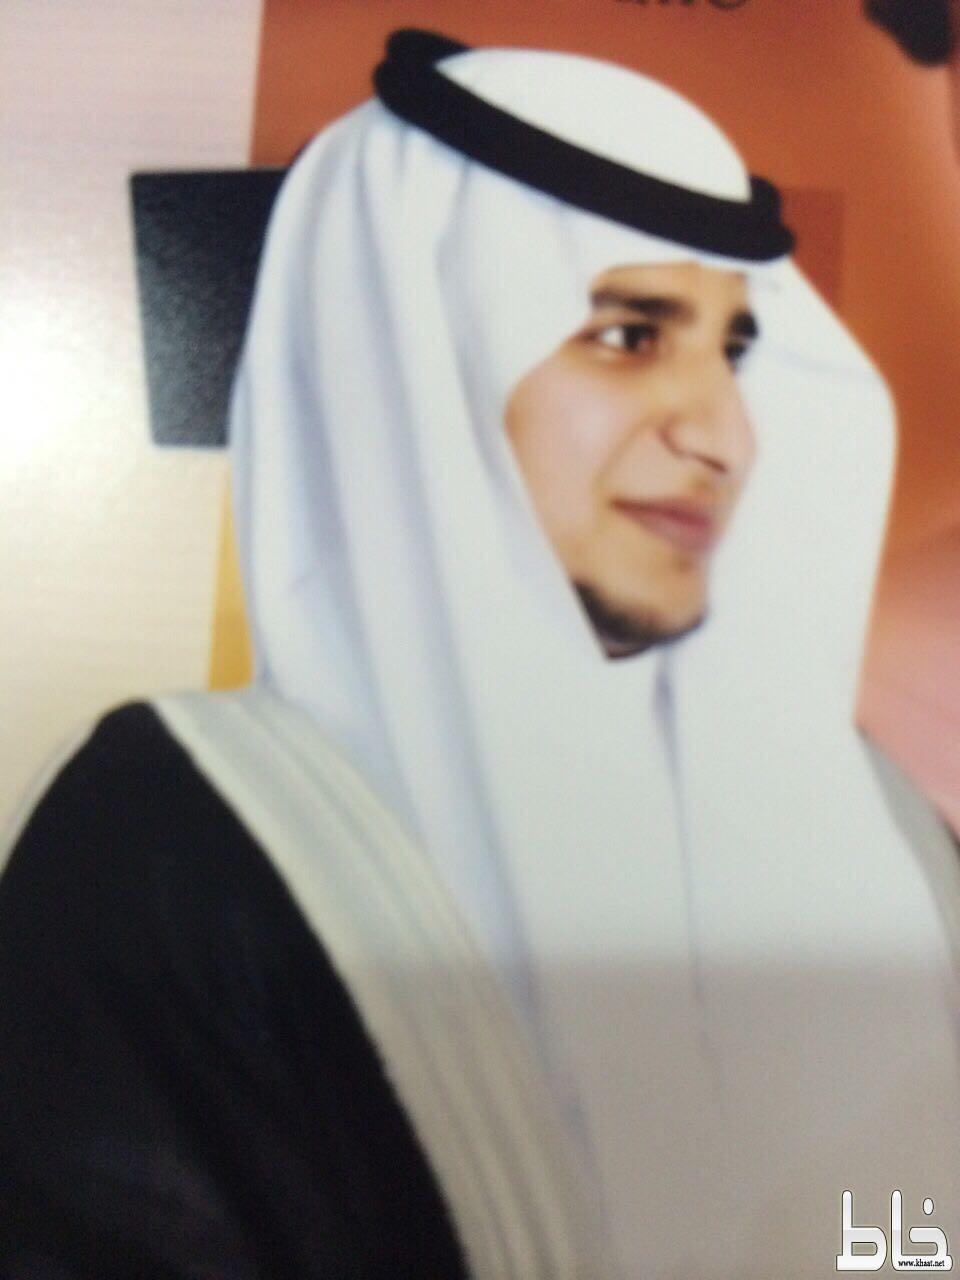 ضيف شخصيات لهذا اليوم المهندس بالمؤسسة العامة للصناعات العسكرية محمد علي عبدالله العمري...